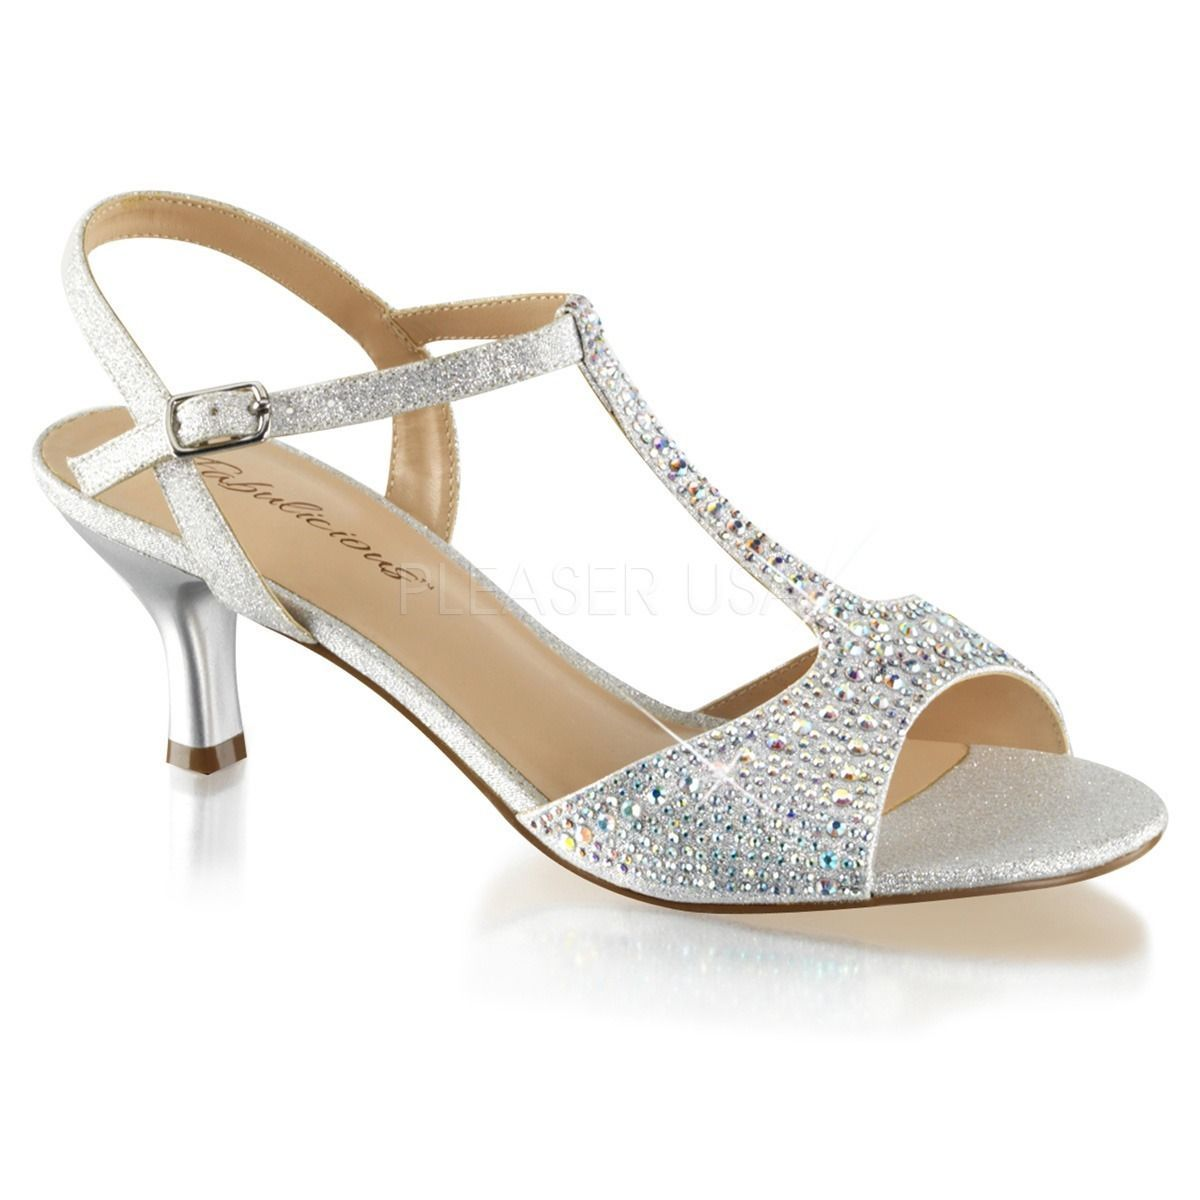 Silvery 2 5 Low Heel Fancy T Strap Sandal Women S Sz 5 6 7 8 9 10 11 Open Toe In Clothing Shoes Wedding Shoes Heels Silver Wedding Shoes Silver Kitten Heels